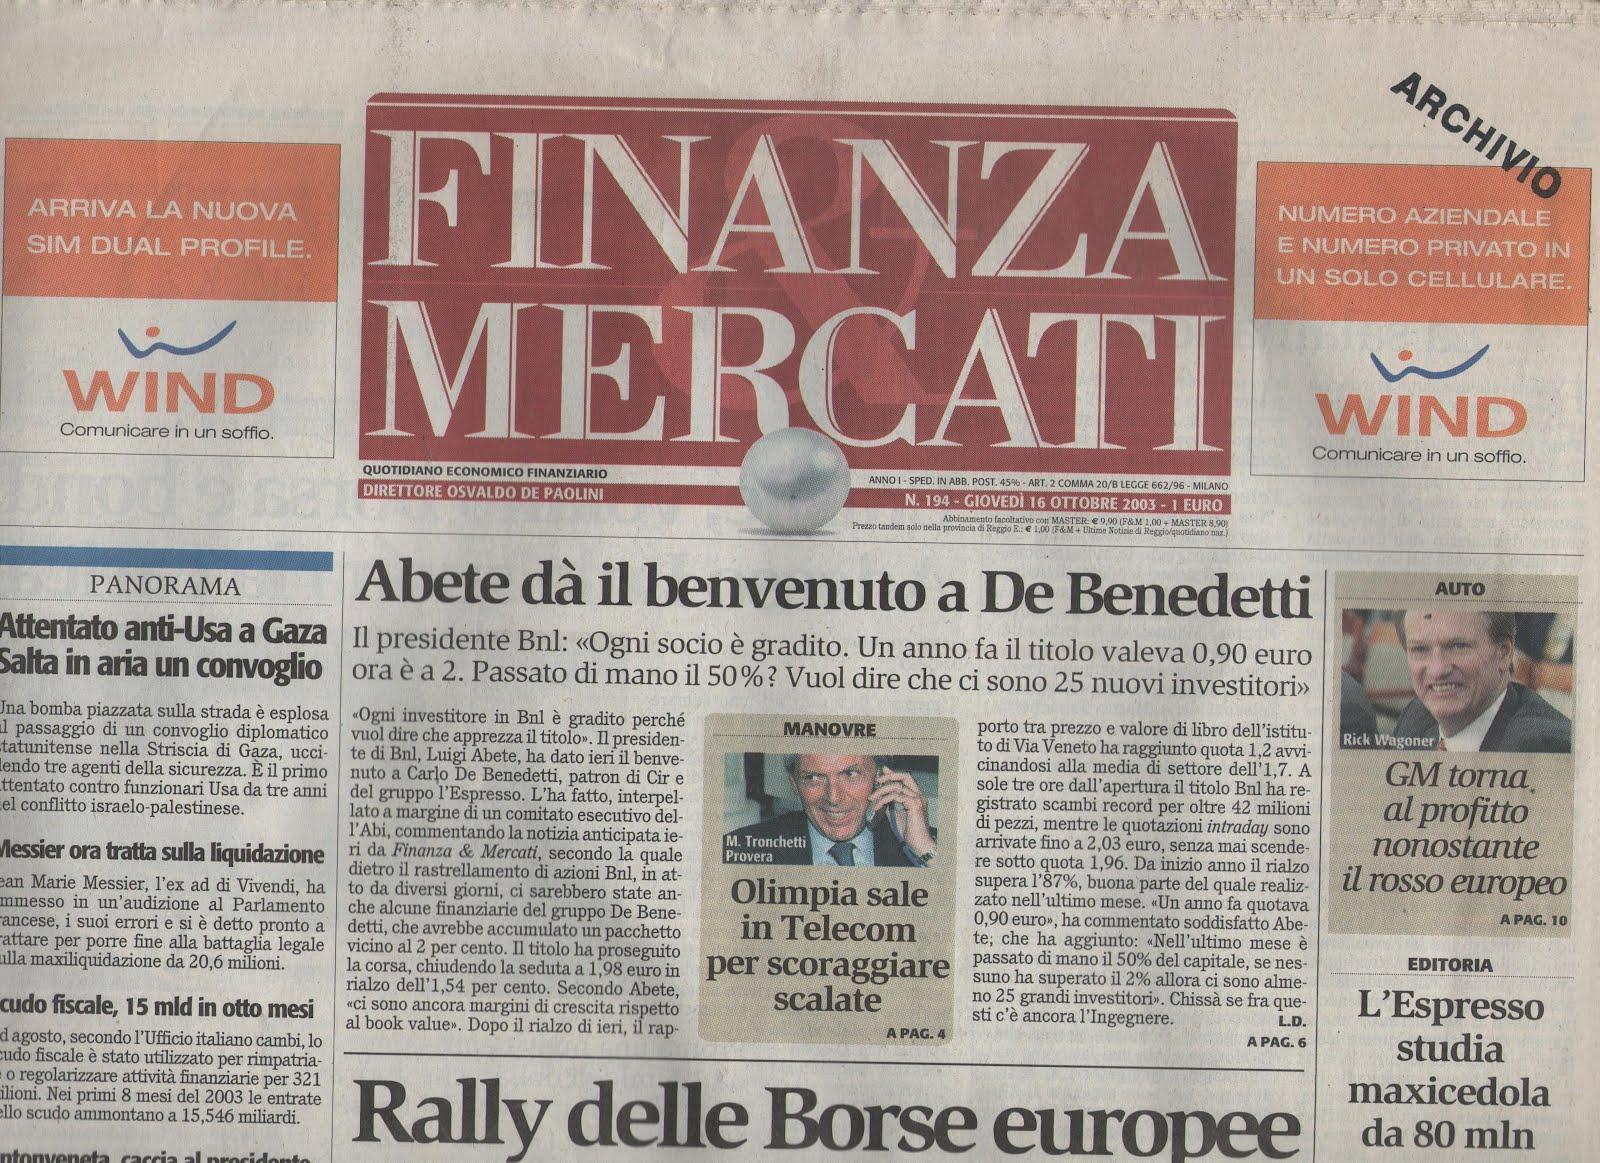 Quotidiano Finanza Mercati